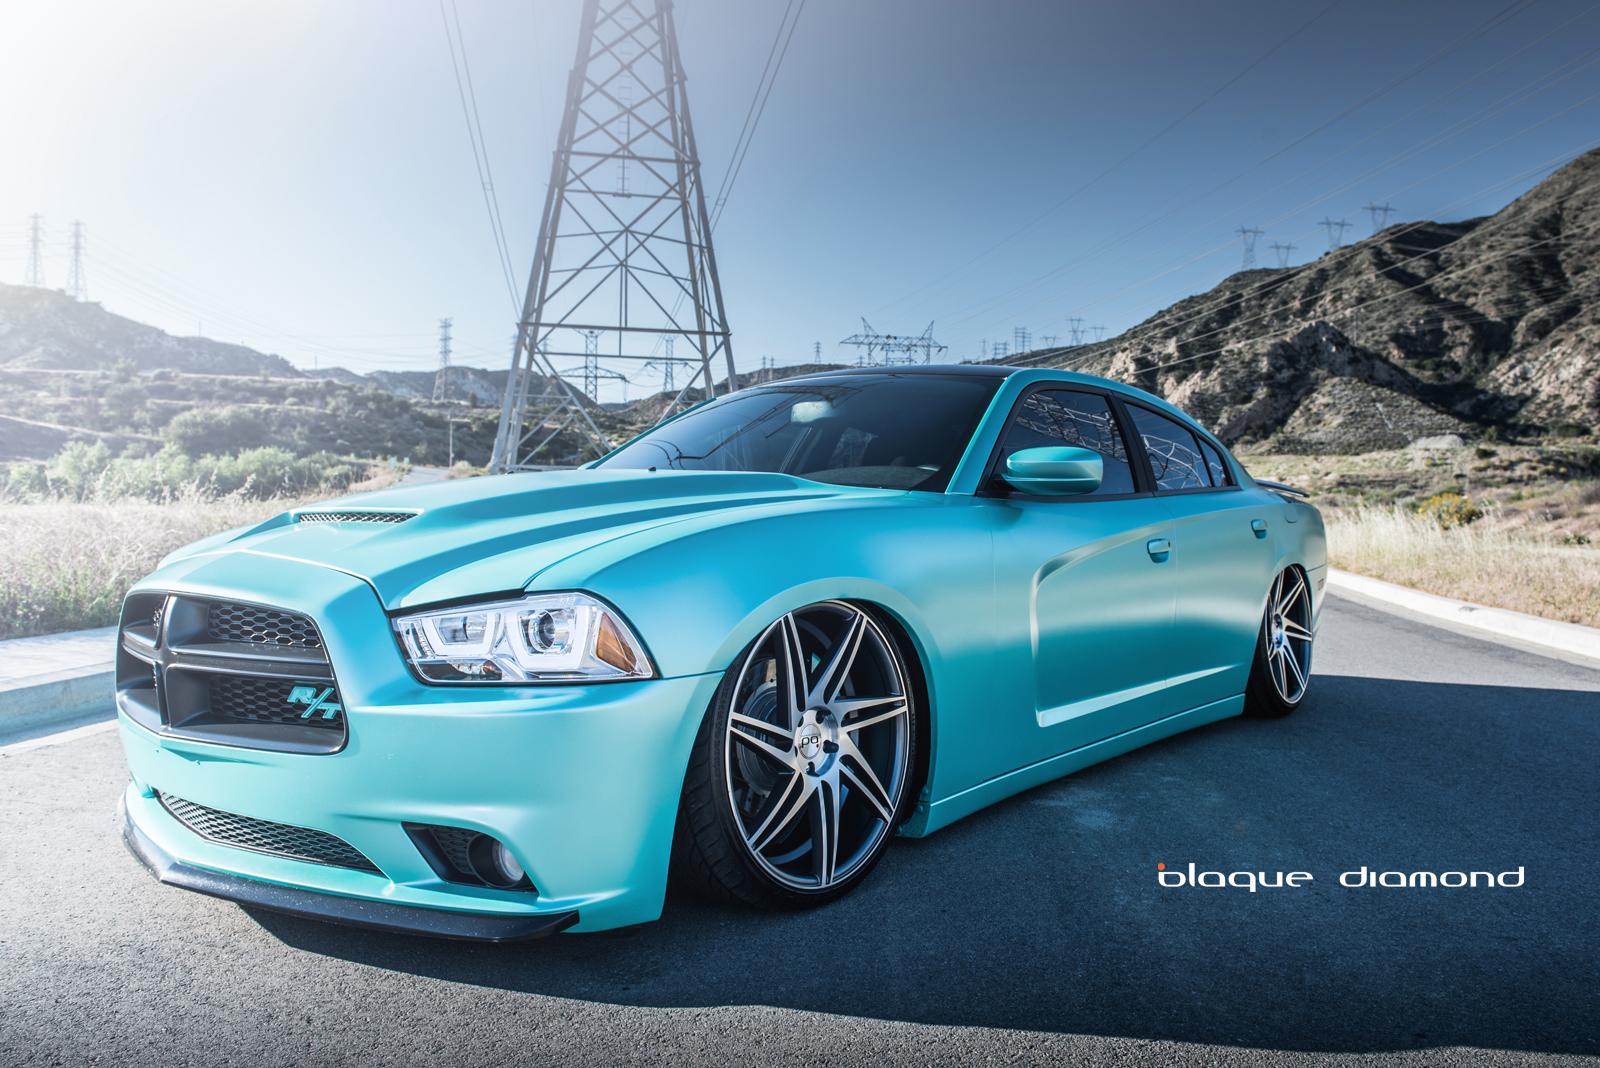 2013 Dodge Charger Daytona Rides Magazine